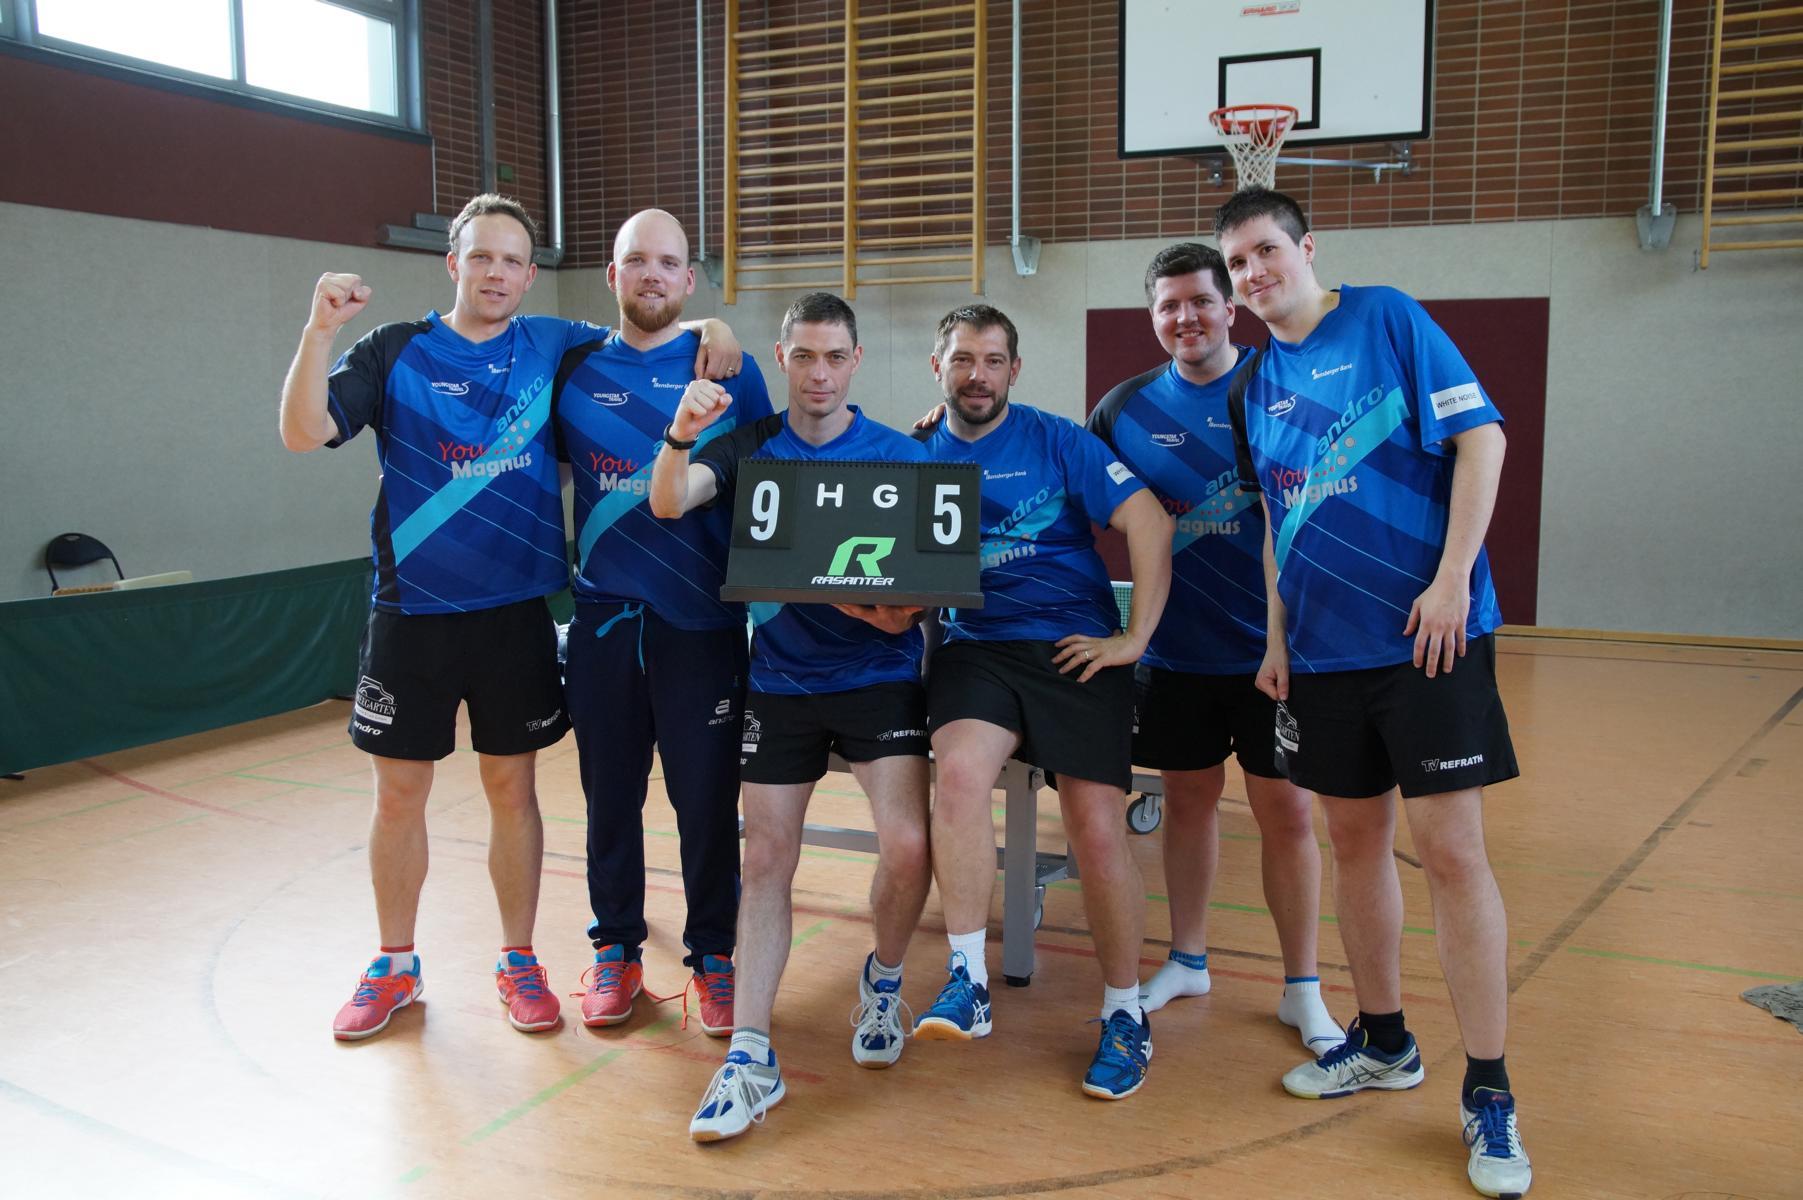 K1600_EberhardtJakob, EberhardtSimon, Pfabe, Birg, Weinert, Wahl